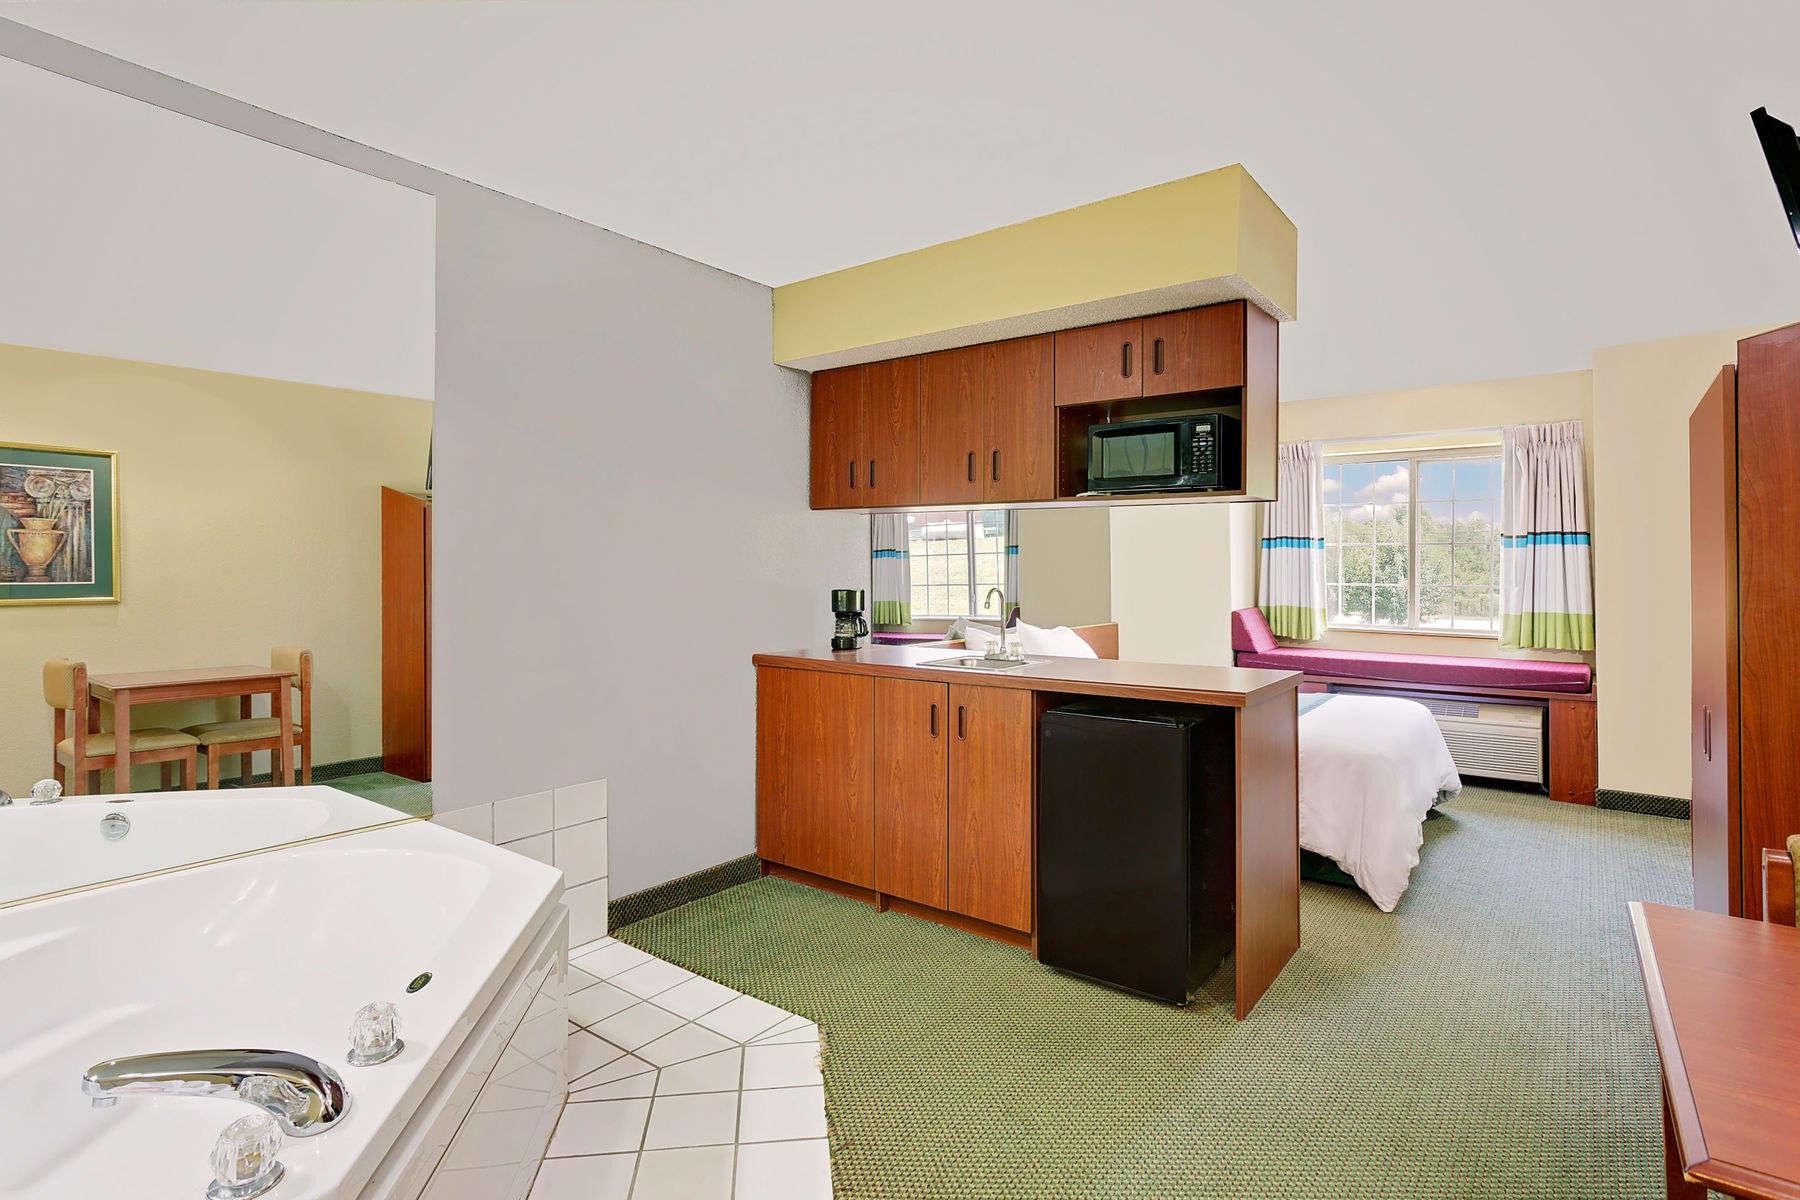 29214_guest_room_11.jpg